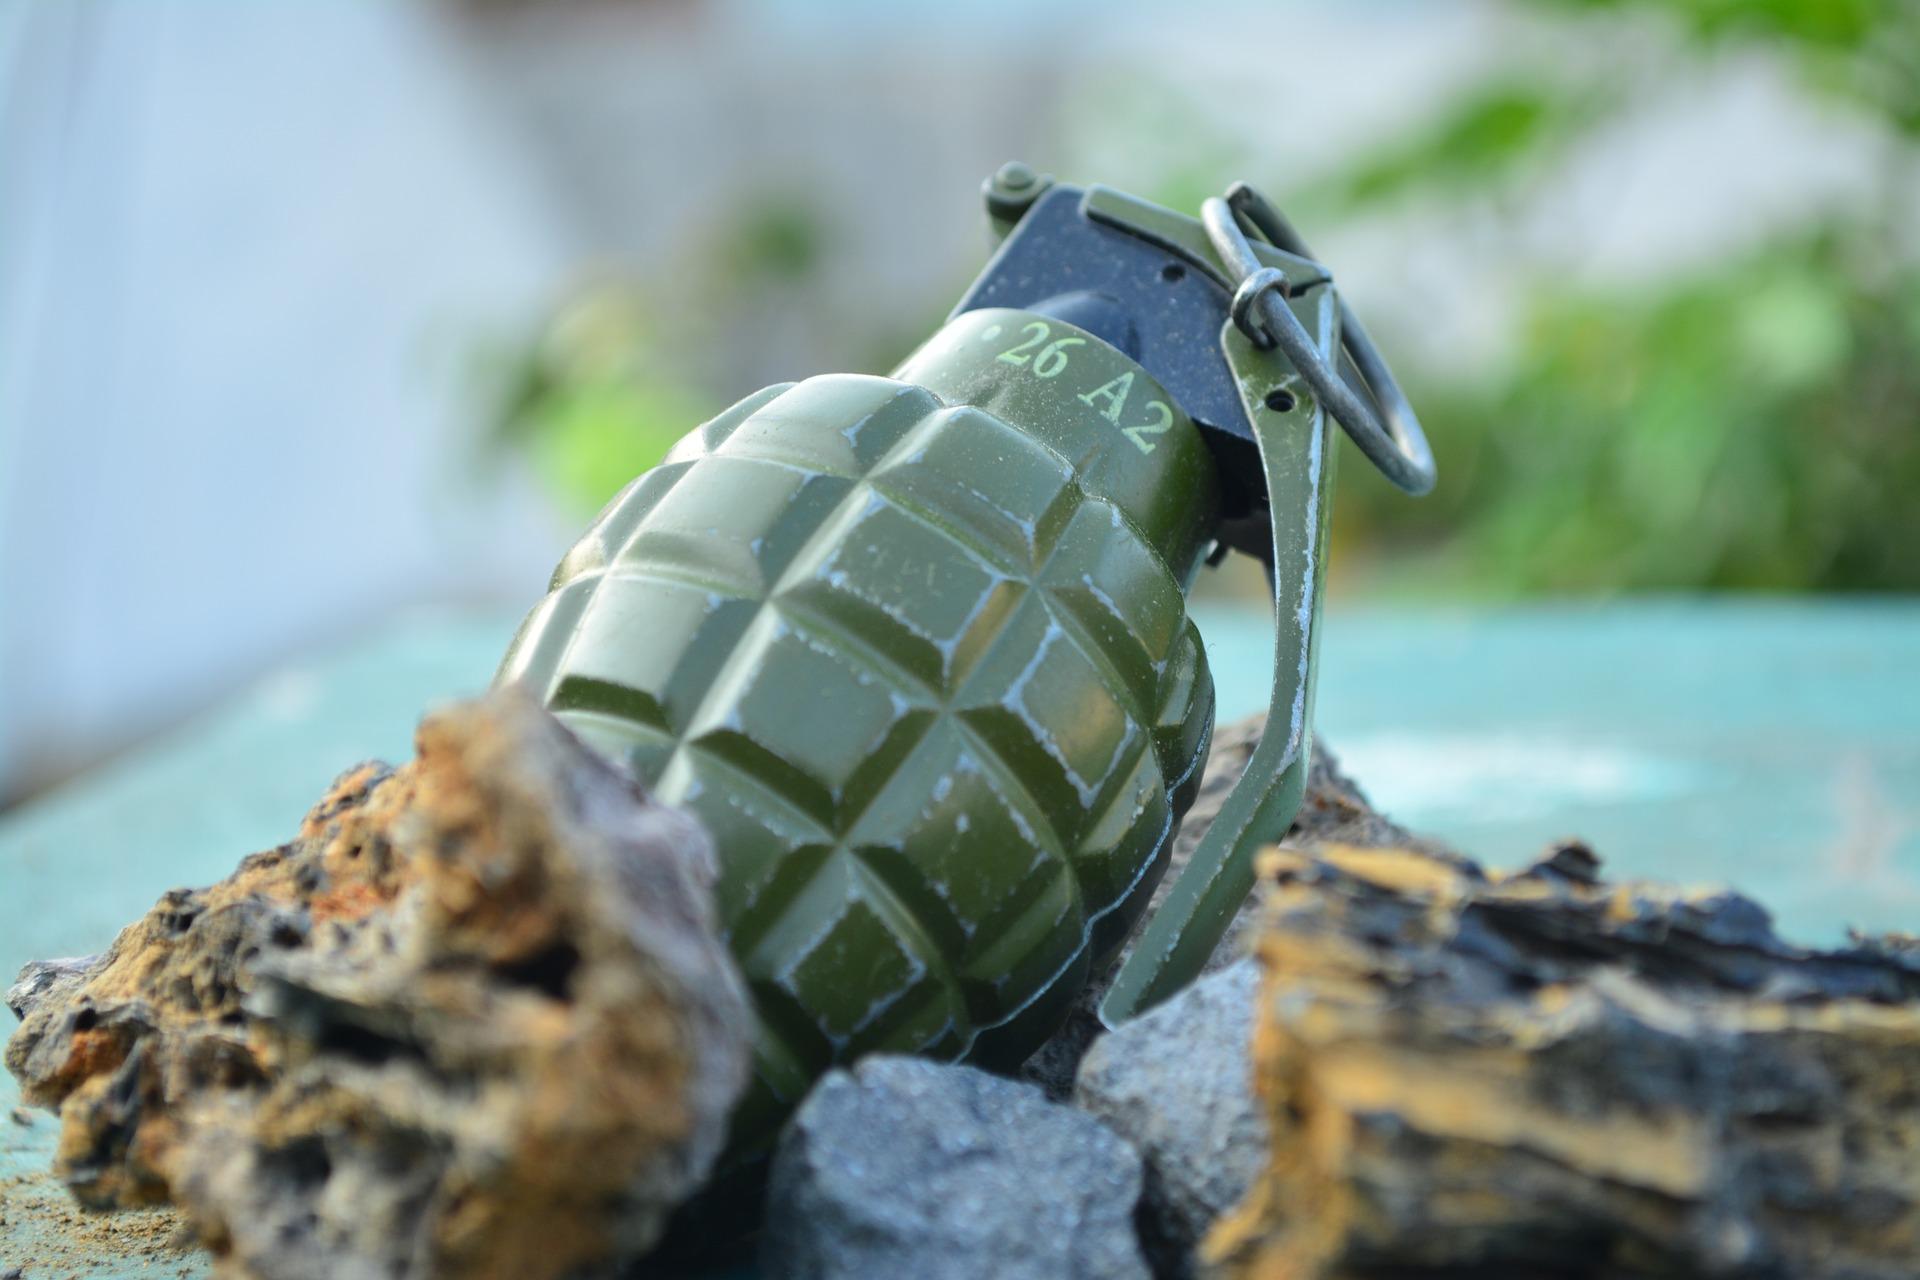 grenade-2380418_1920.jpg